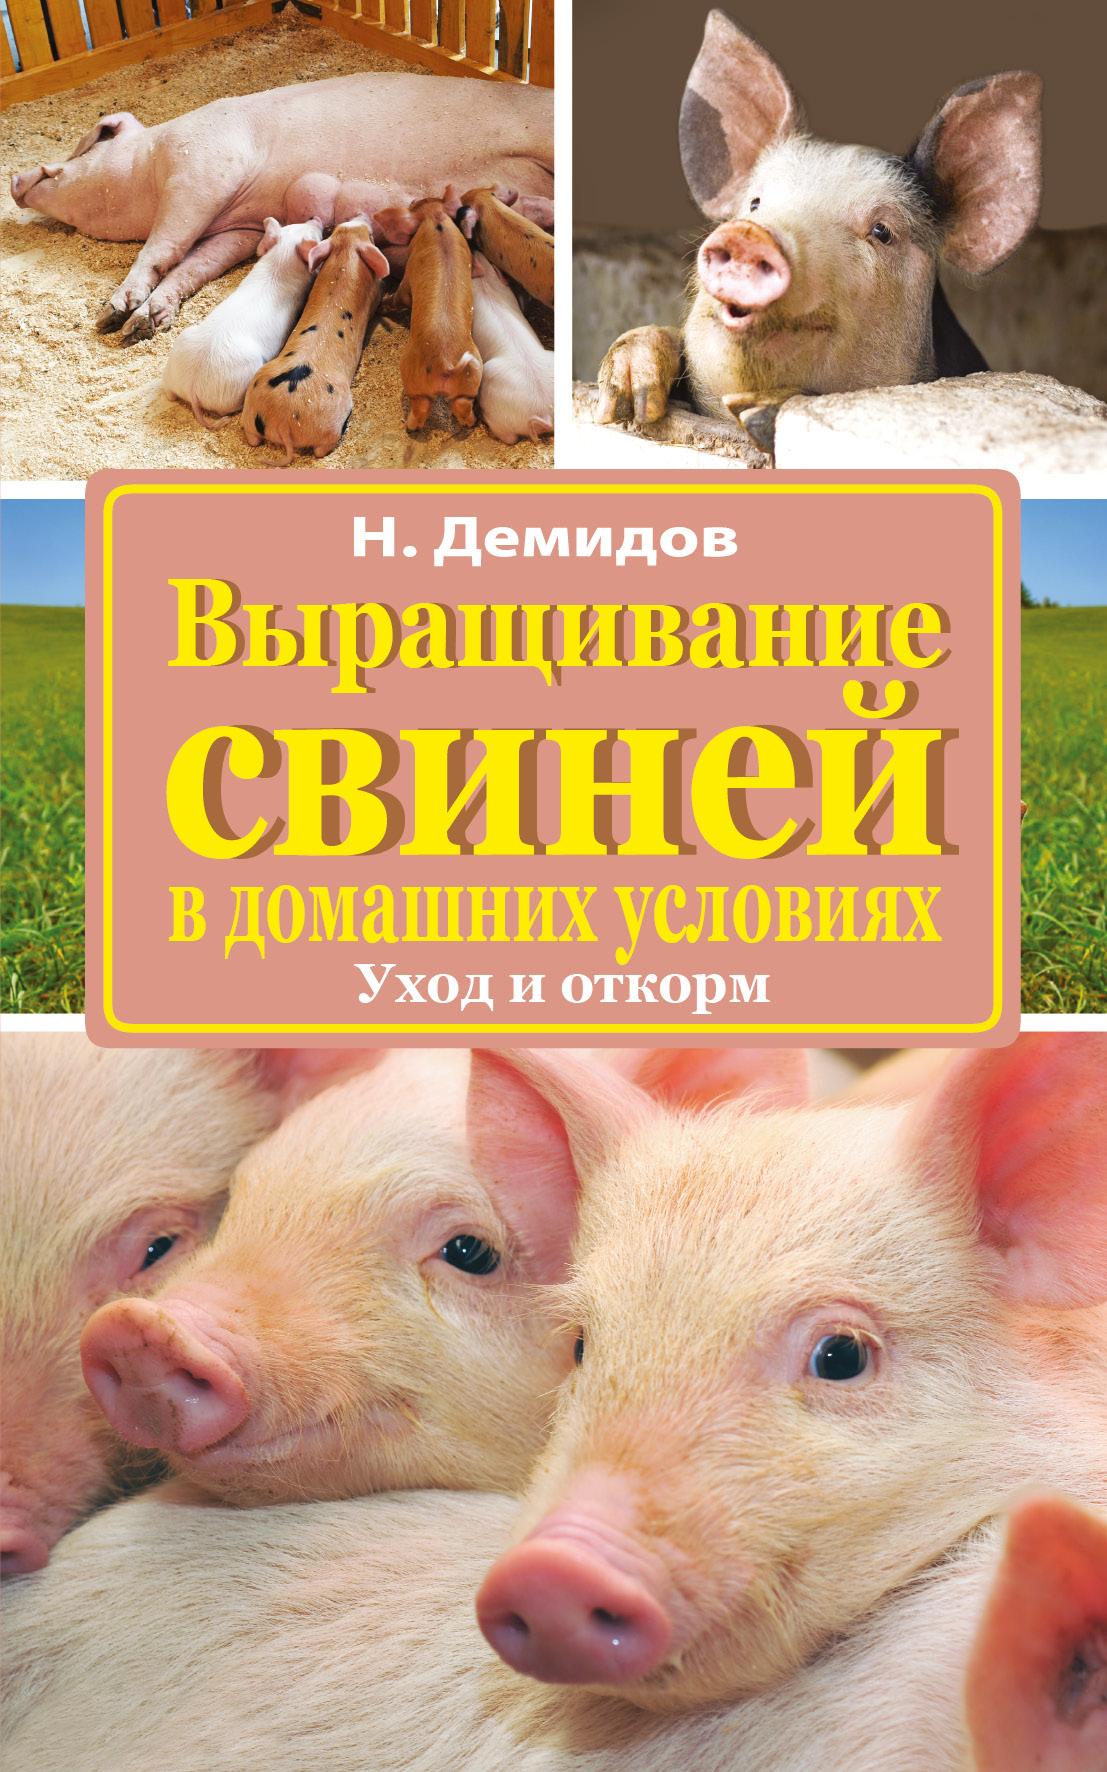 Выращивание свиней в домашних условиях. Уход и откорм ( Демидов Н.Д.  )